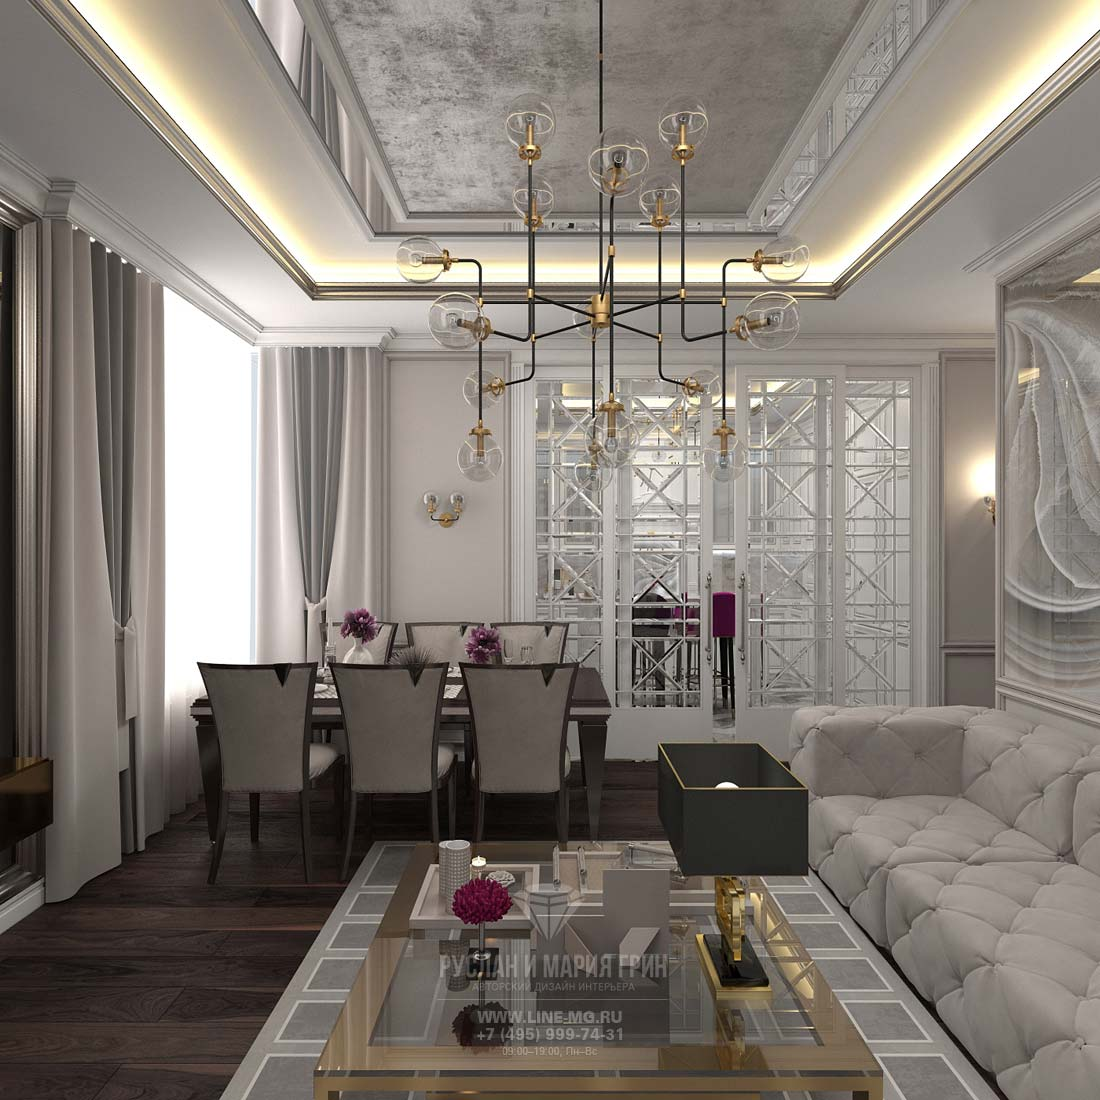 Дизайн гостиной, совмещенной с кухней. Фото трехкомнатной квартиры в ЖК «Достояние»